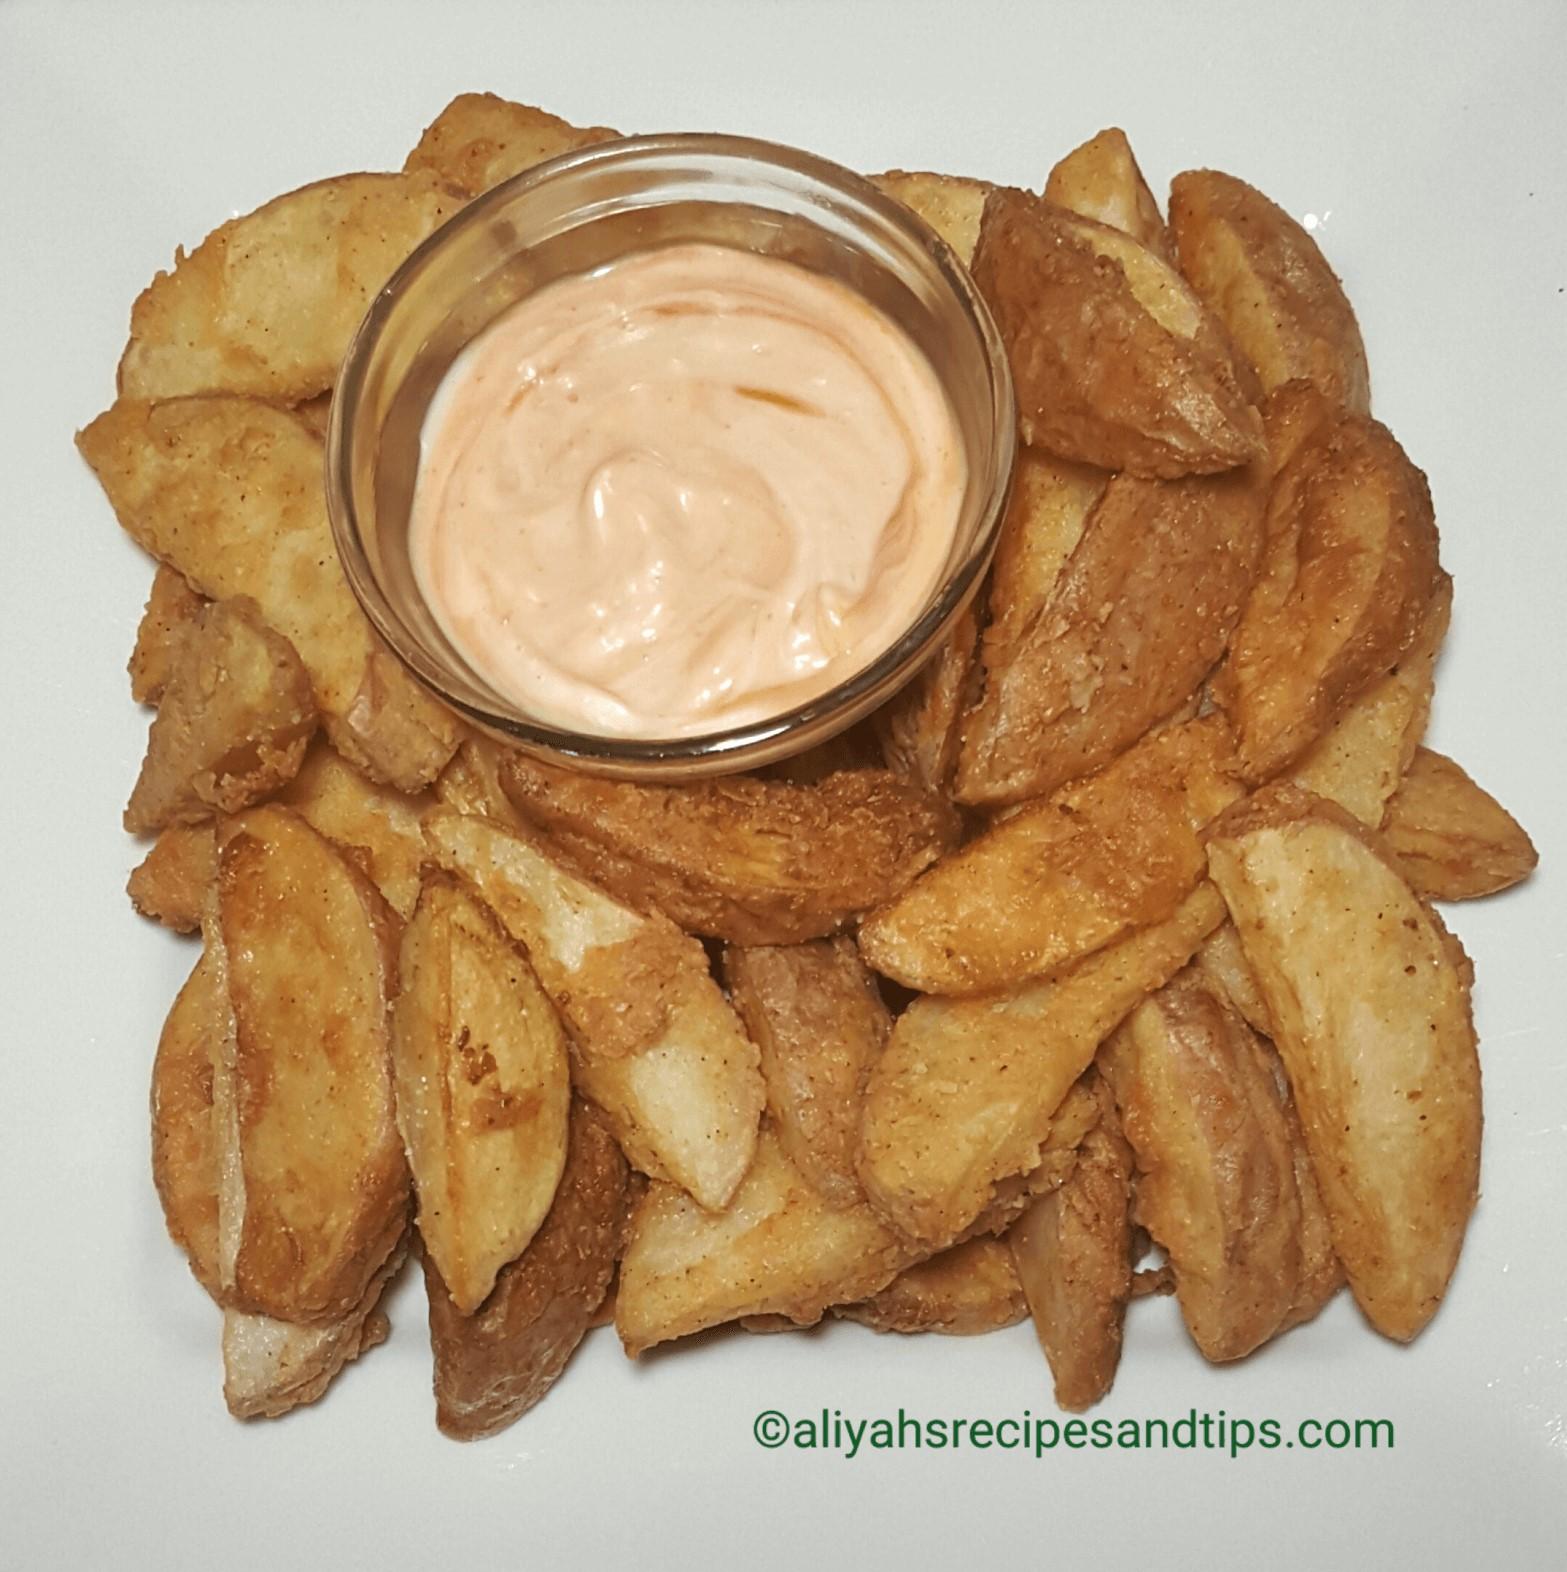 Fried potato wedges, fried, fried potato, garlic potato, crispy potato, kfc crispy potato, crispy fried potato wedges, crispy fried potato, potato, crispy